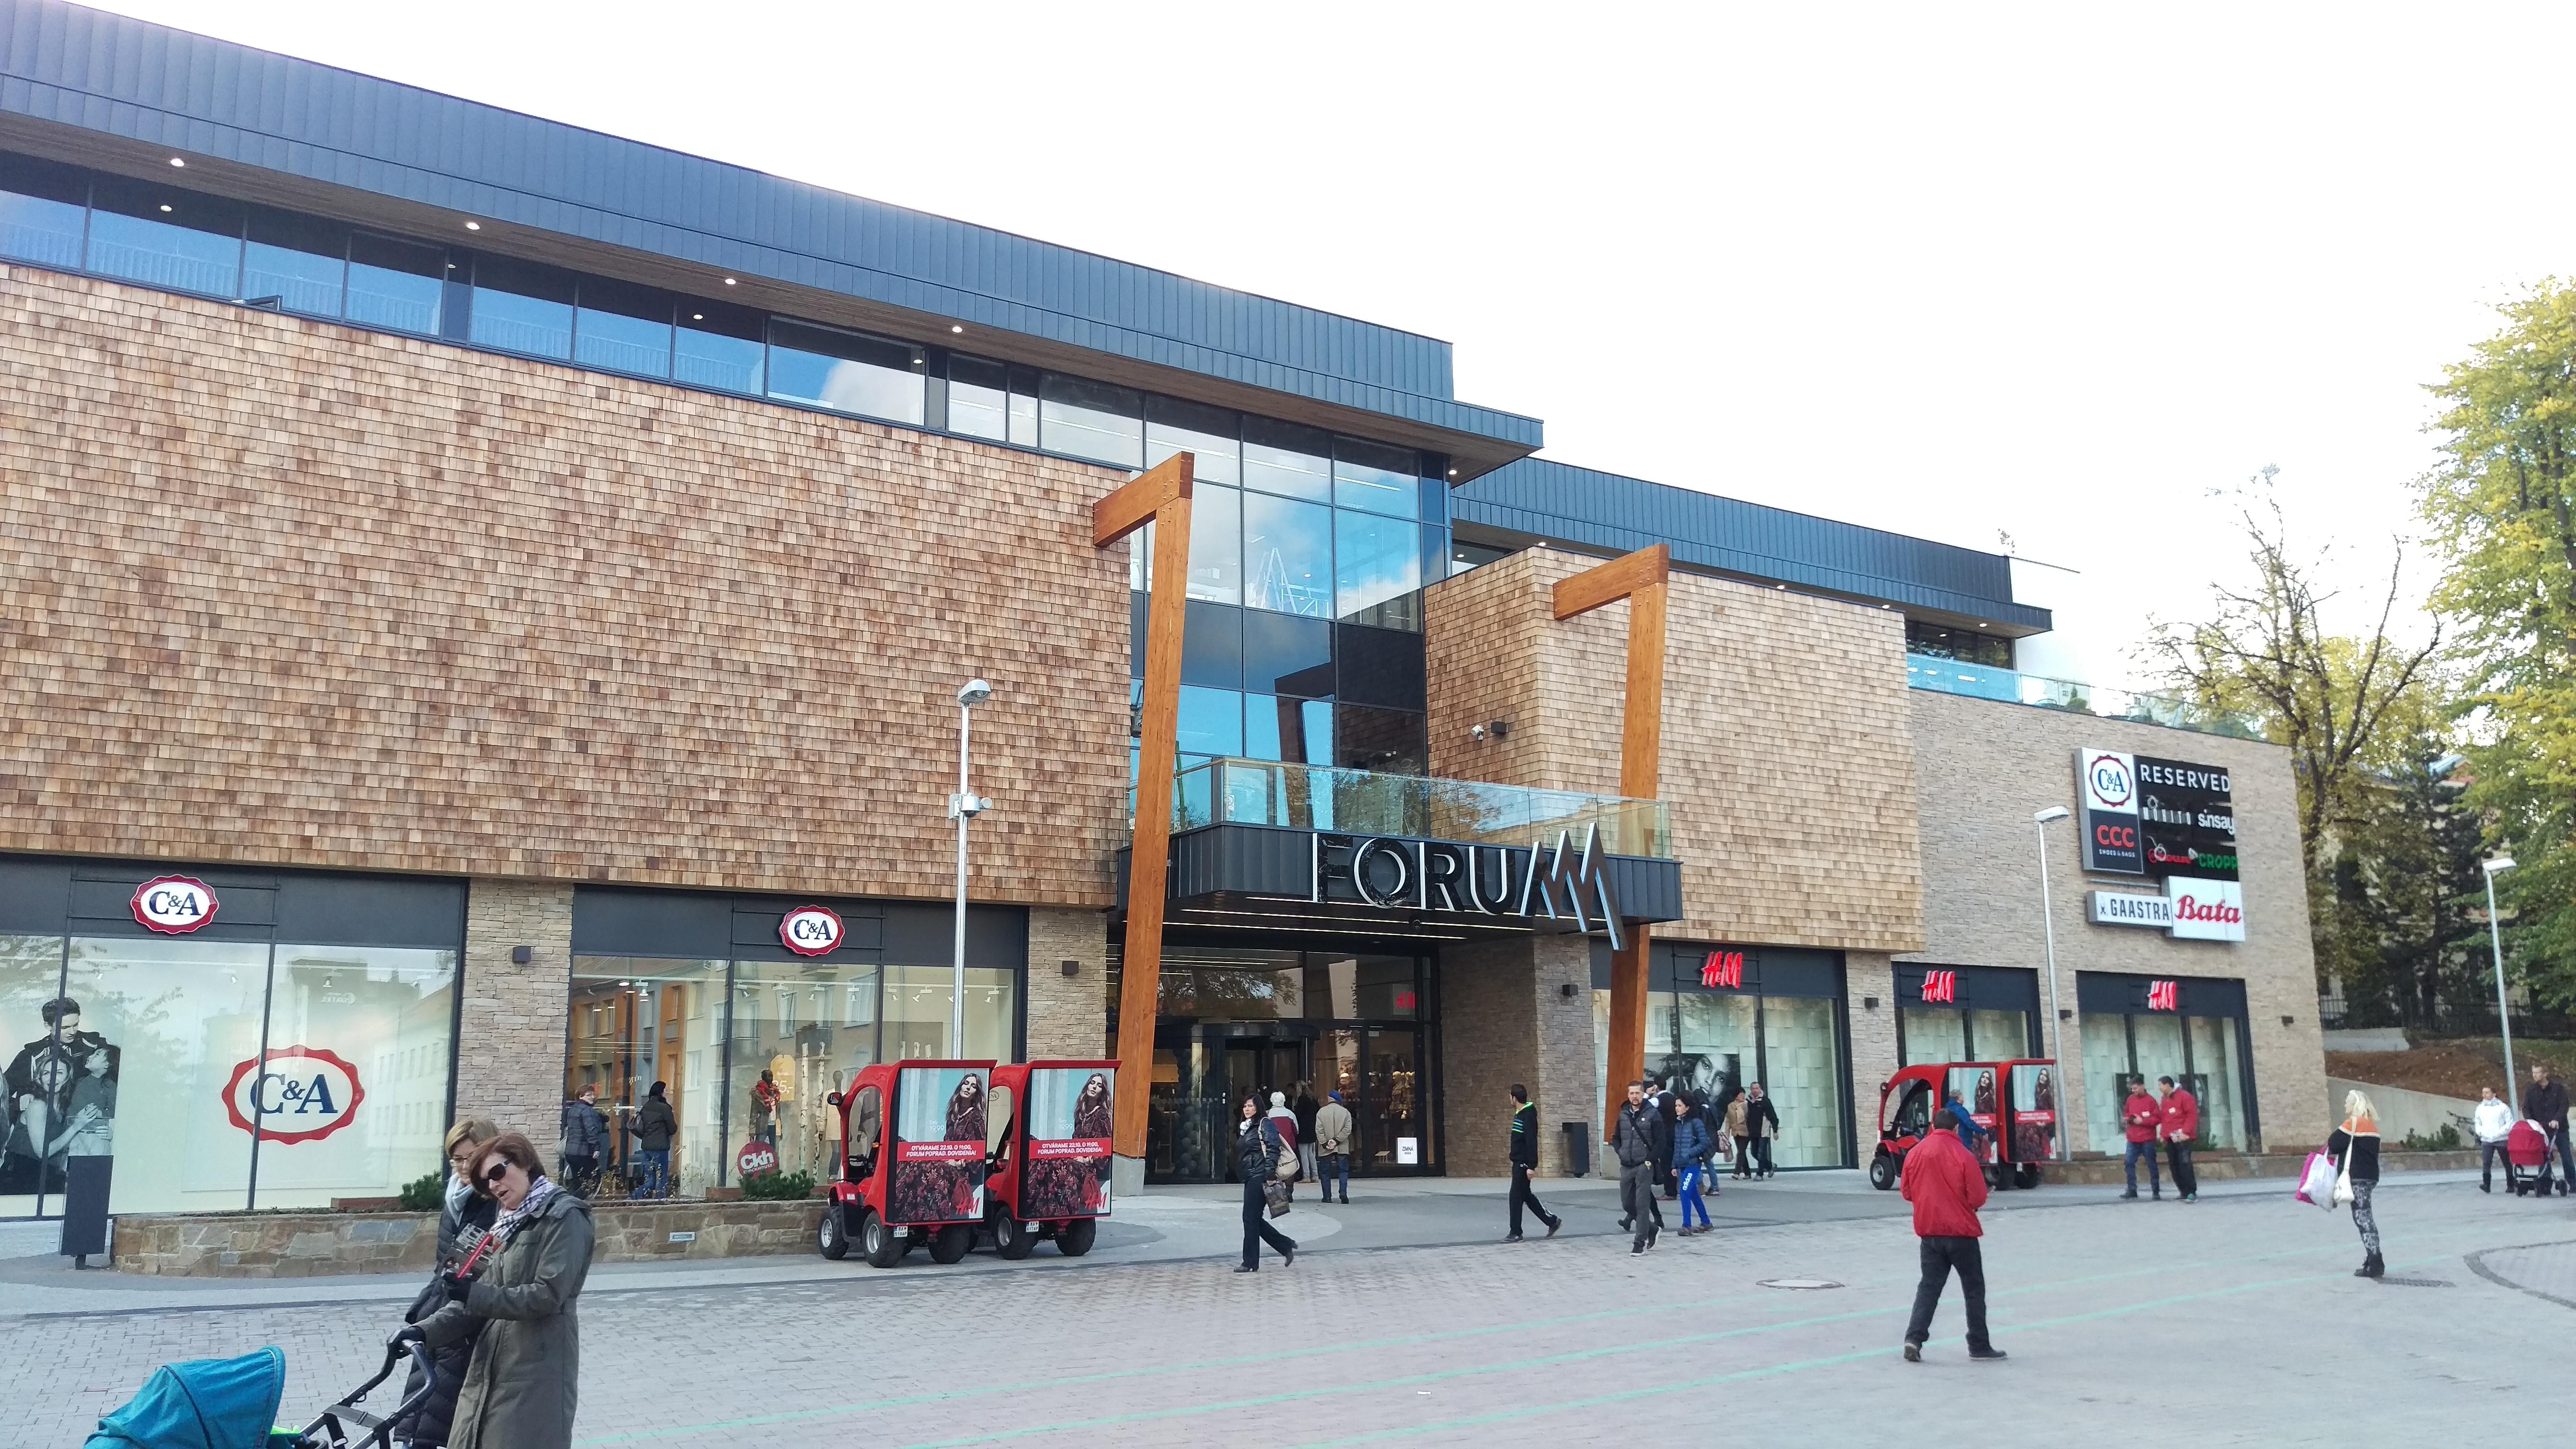 Slavnostní otevření obchodního centra FORUM Poprad - Arch.Design 41b1c2286a4